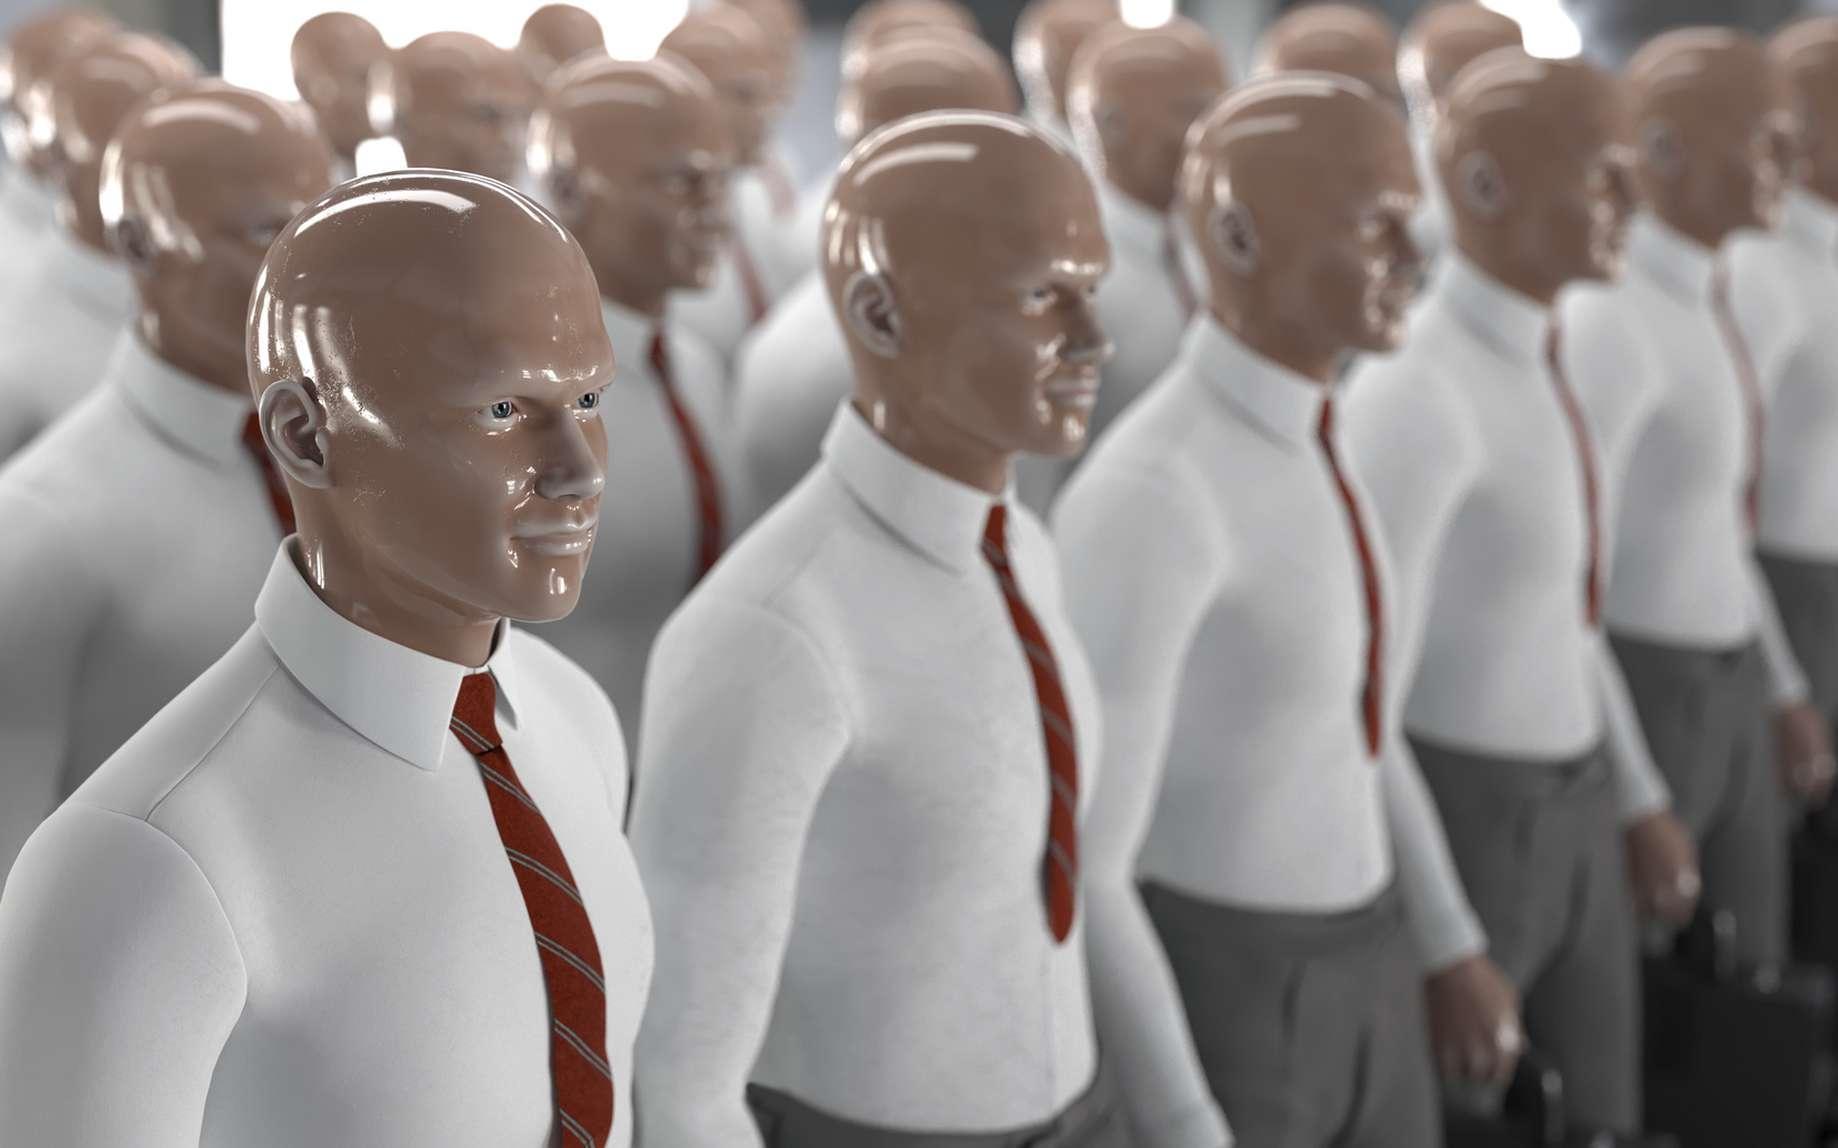 L'existence de robots humanoïdes sonne-t-elle le début d'un Empire Galactique aurorain, ou la fin d'une race humaine devenue obsolète ? © photobank, Fotolia